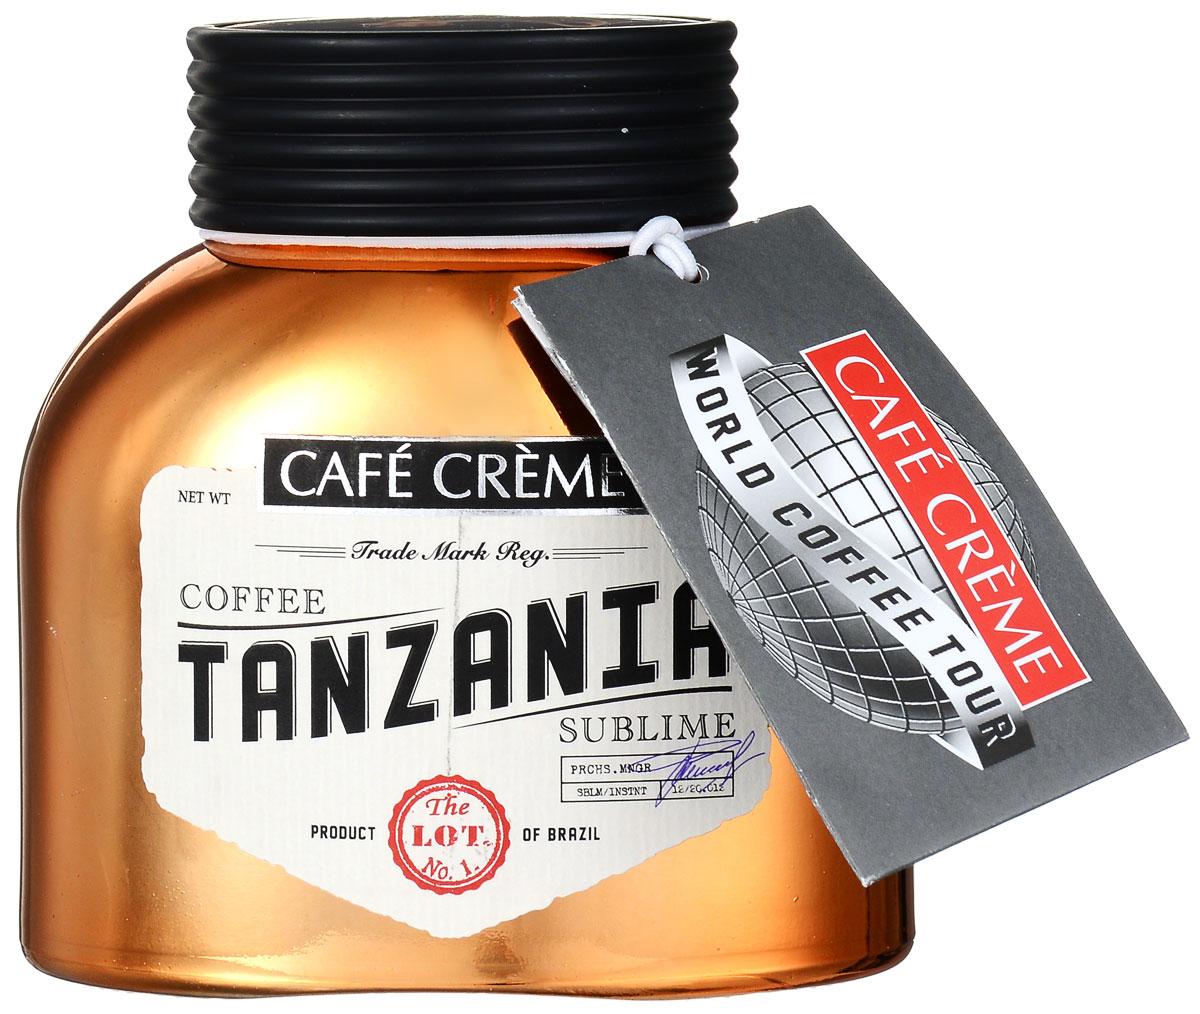 Cafe Creme Tanzania кофе растворимый, 100 г0120710Cafe Creme Tanzania – изысканный напиток, созданный из ценнейших сортов бразильской арабики. Этот натуральный растворимый сублимированный кофе из элитных сортов танзанийской арабики, которые выращиваются и собираются на склонах вулкана Килиманджаро. Напиток обладает полным, глубоким вкусом с пикантной кислинкой и легкой фруктовой нотой и крепким ароматом.